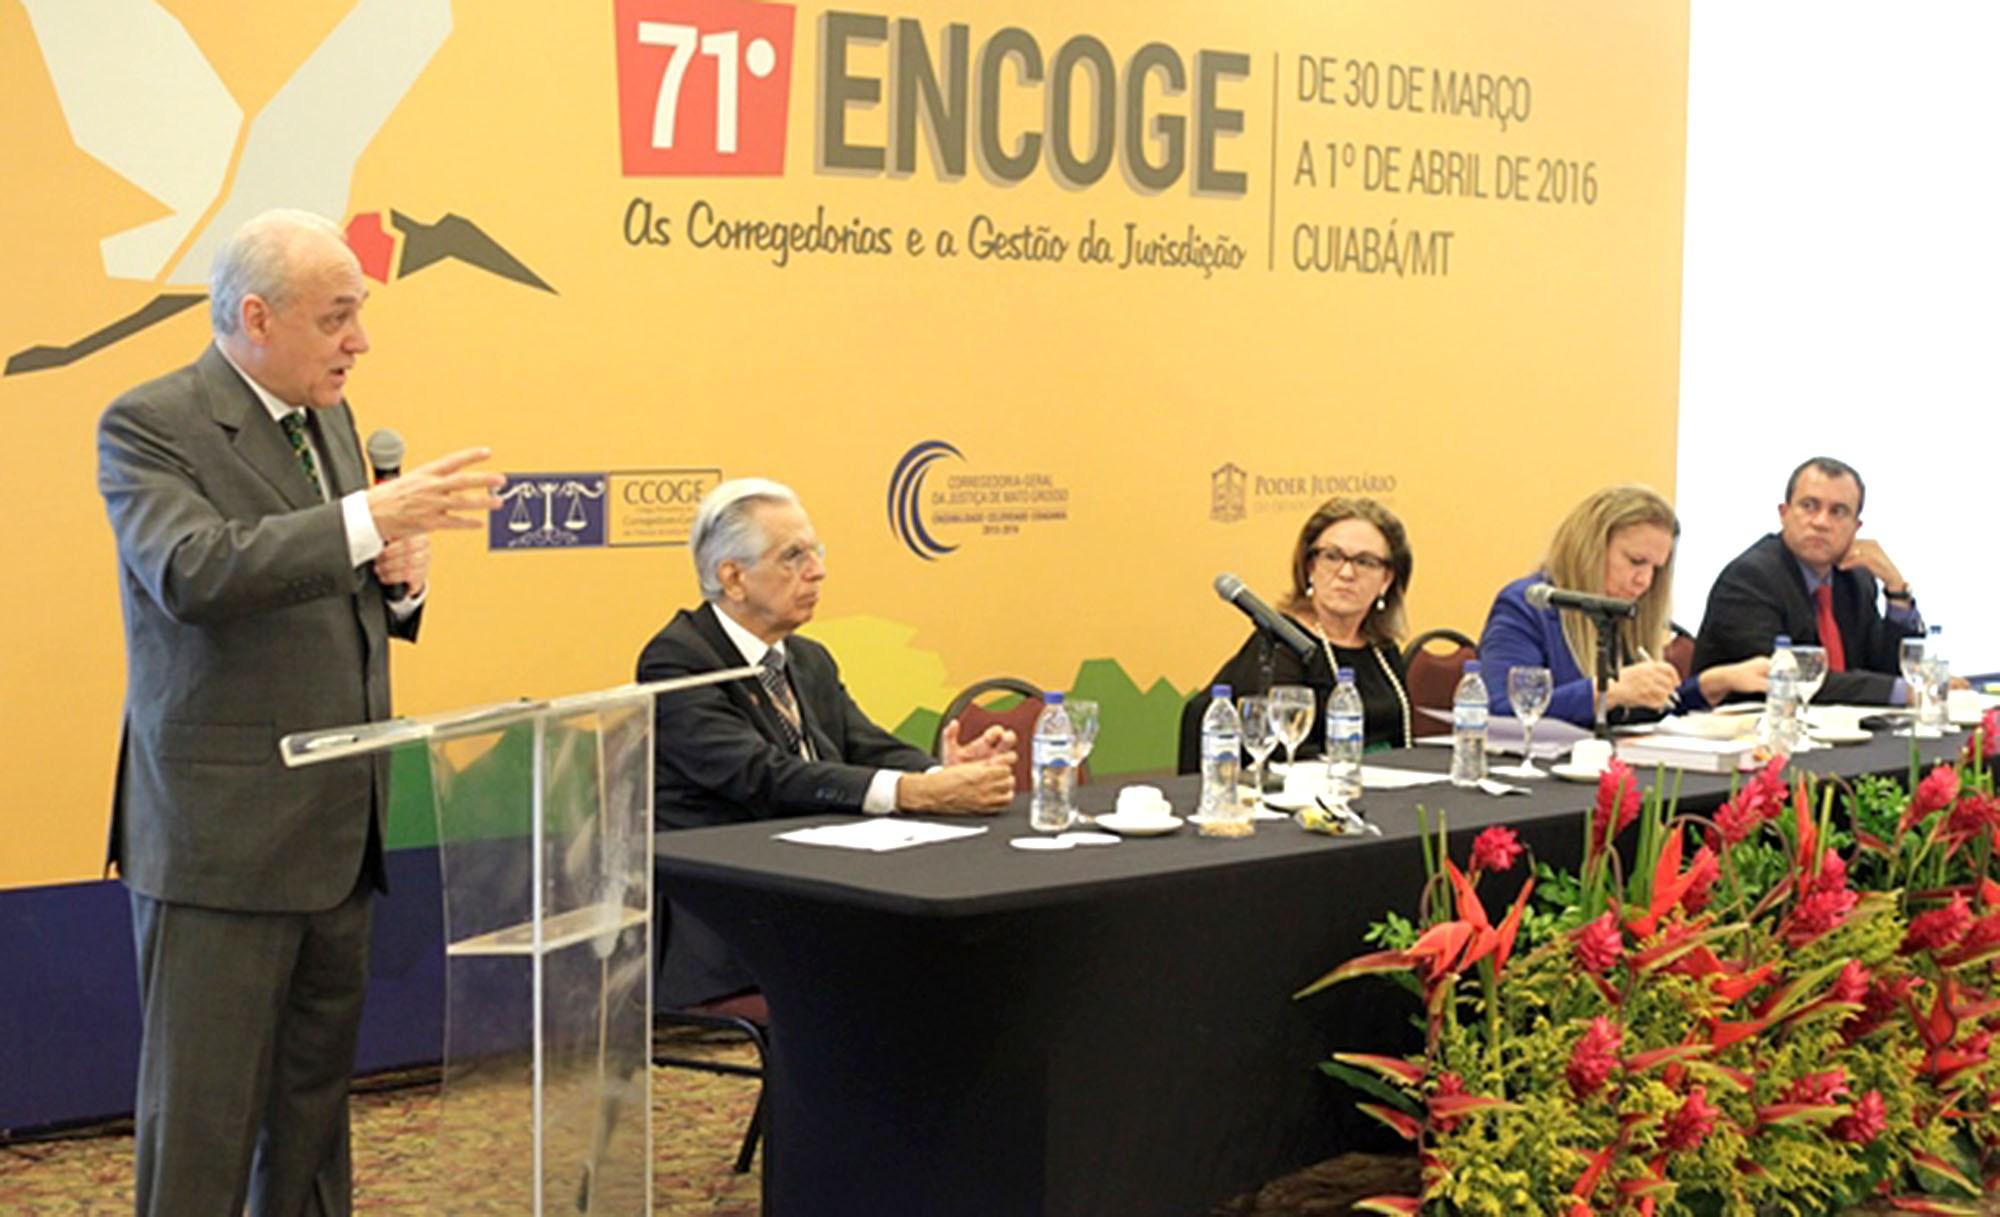 Presidente do Colégio Permanente de Corregedores-Gerais de Justiça do Brasil, corregedora-geral do TJ-MT, Maria Erotides Kneip, pontua inovações para a Justiça cidadã                                                                                  - Foto: Reprodução